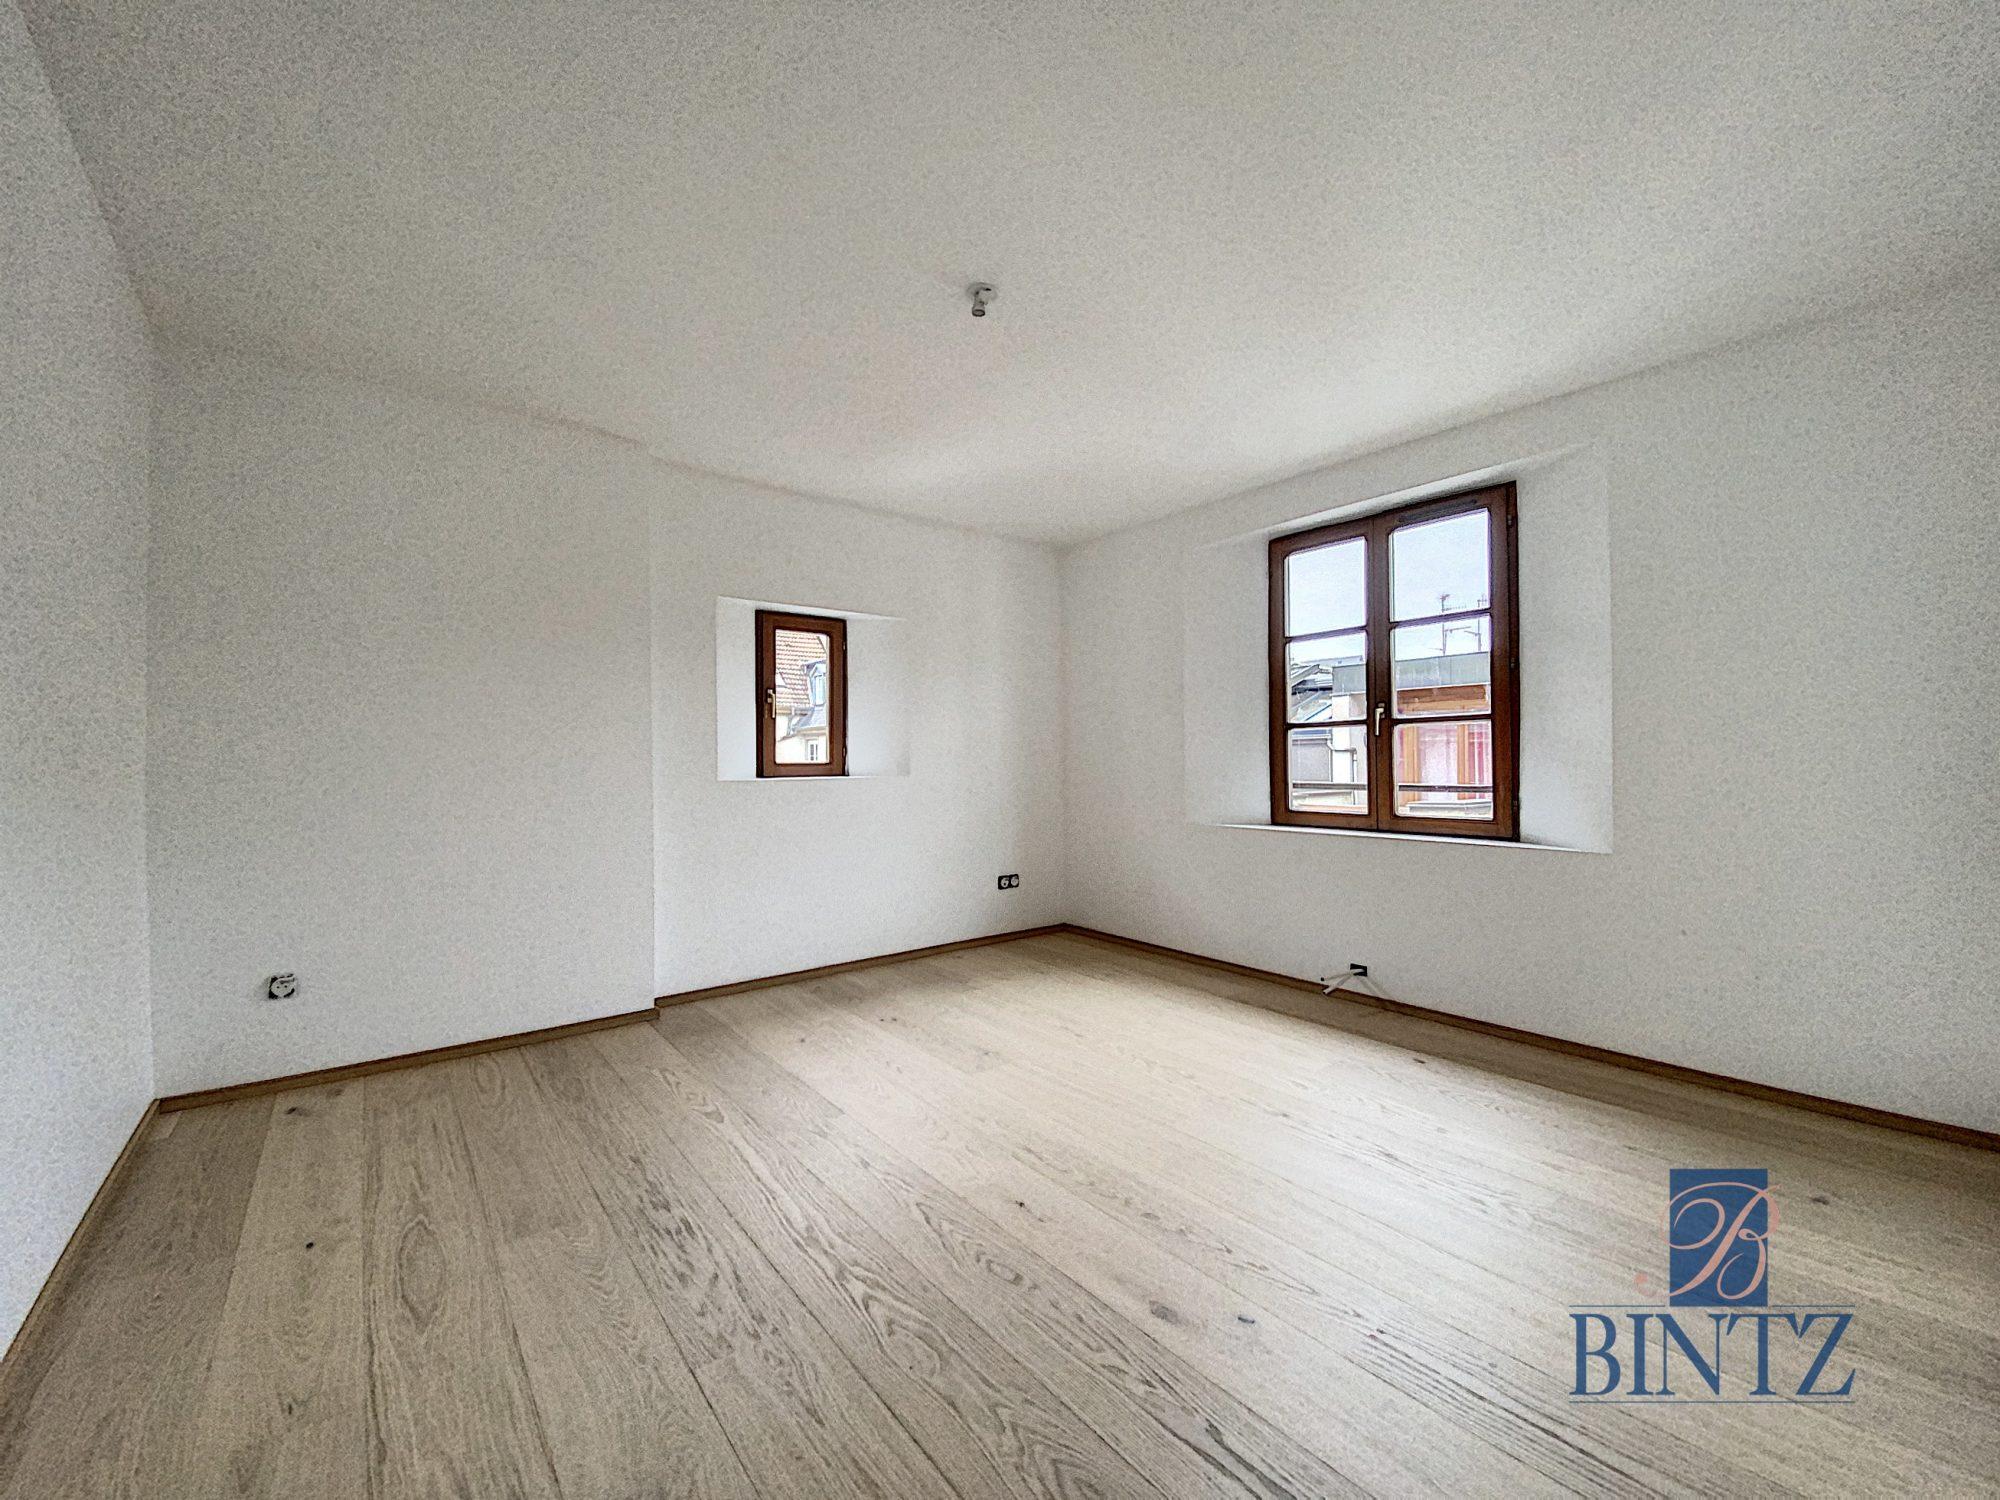 4 pièces refait à neuf quartier Gare - Devenez locataire en toute sérénité - Bintz Immobilier - 5